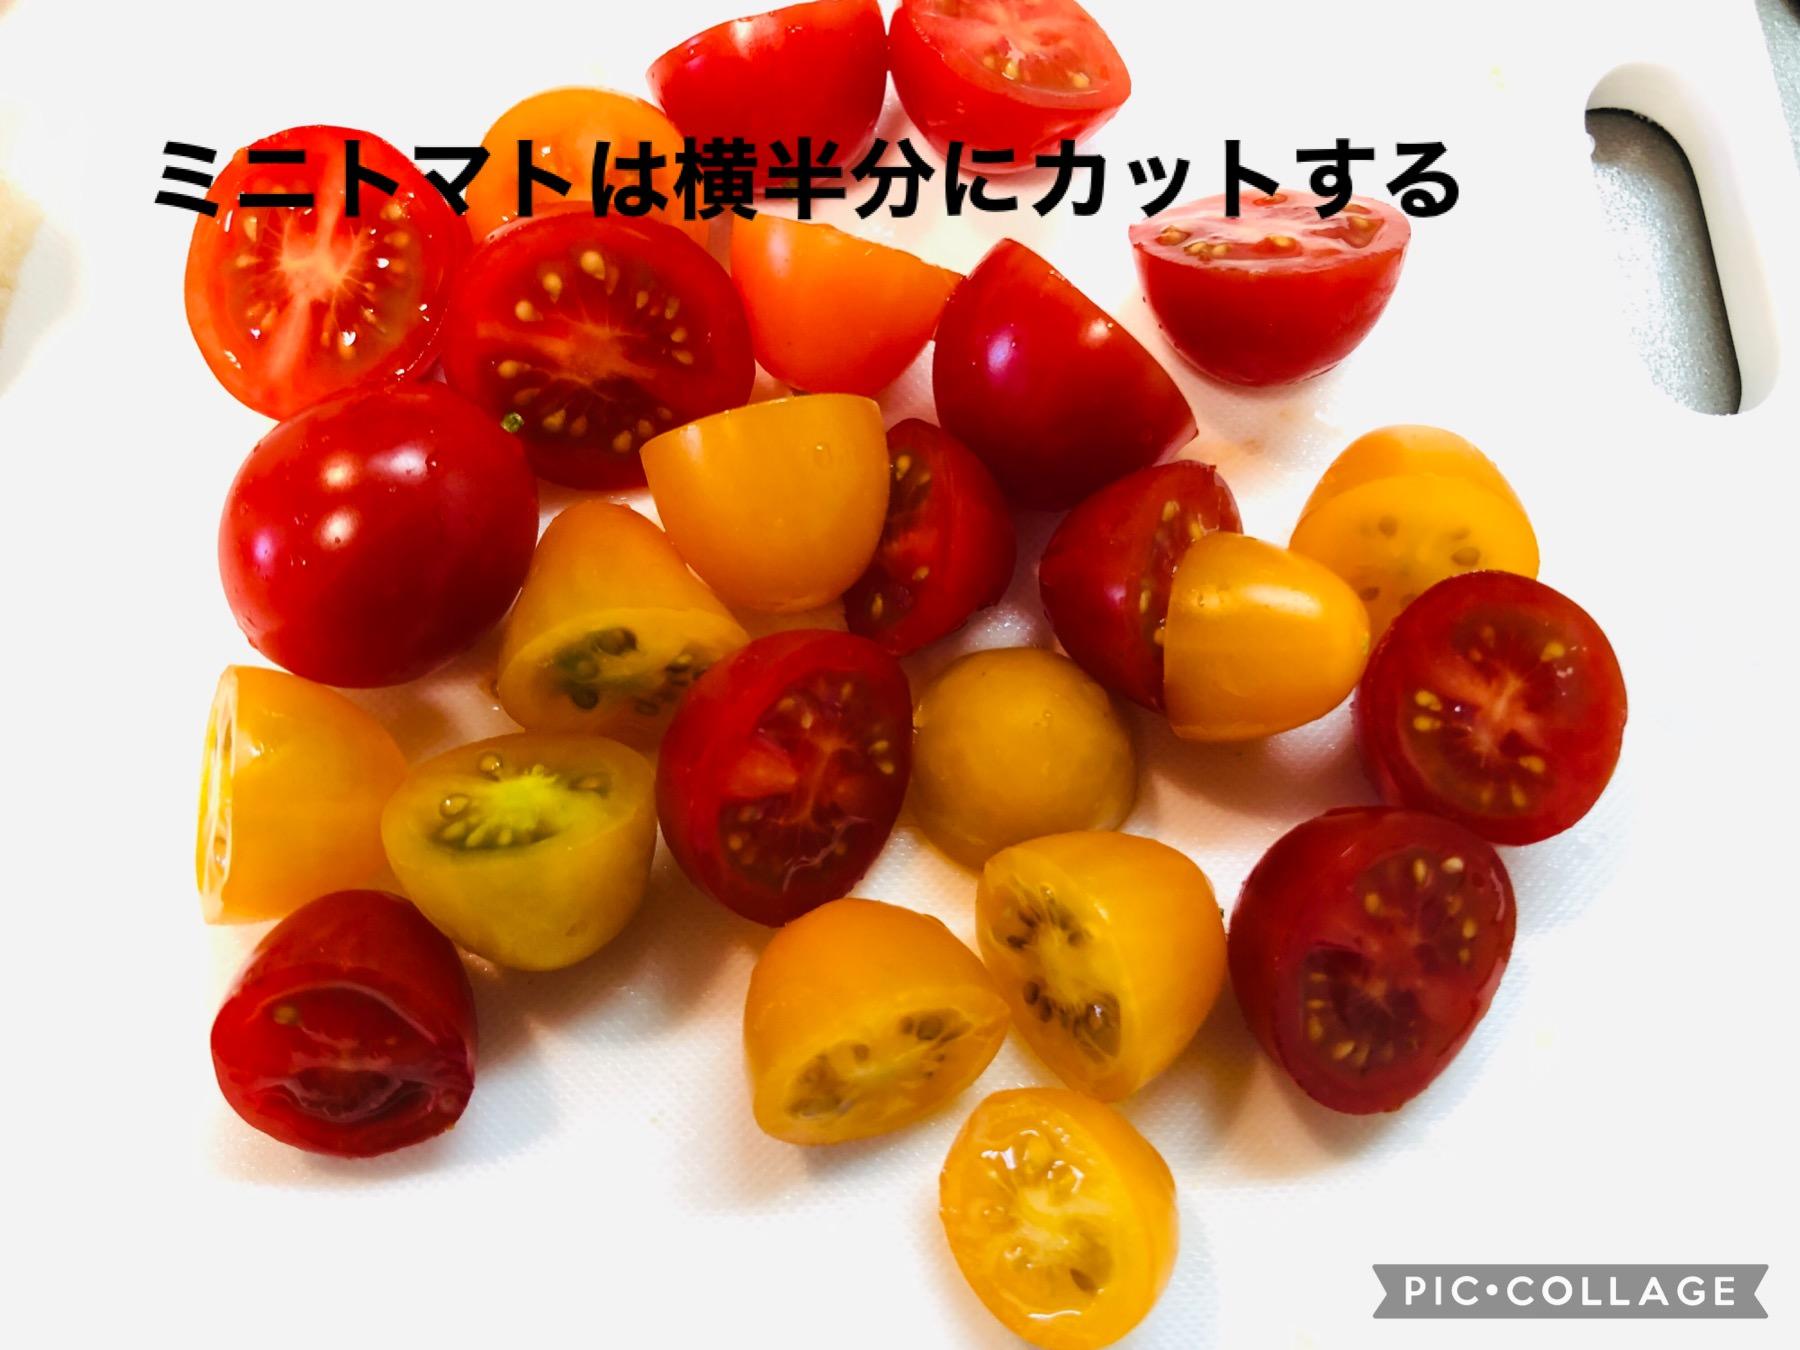 横半分に切ったプチトマトの画像です